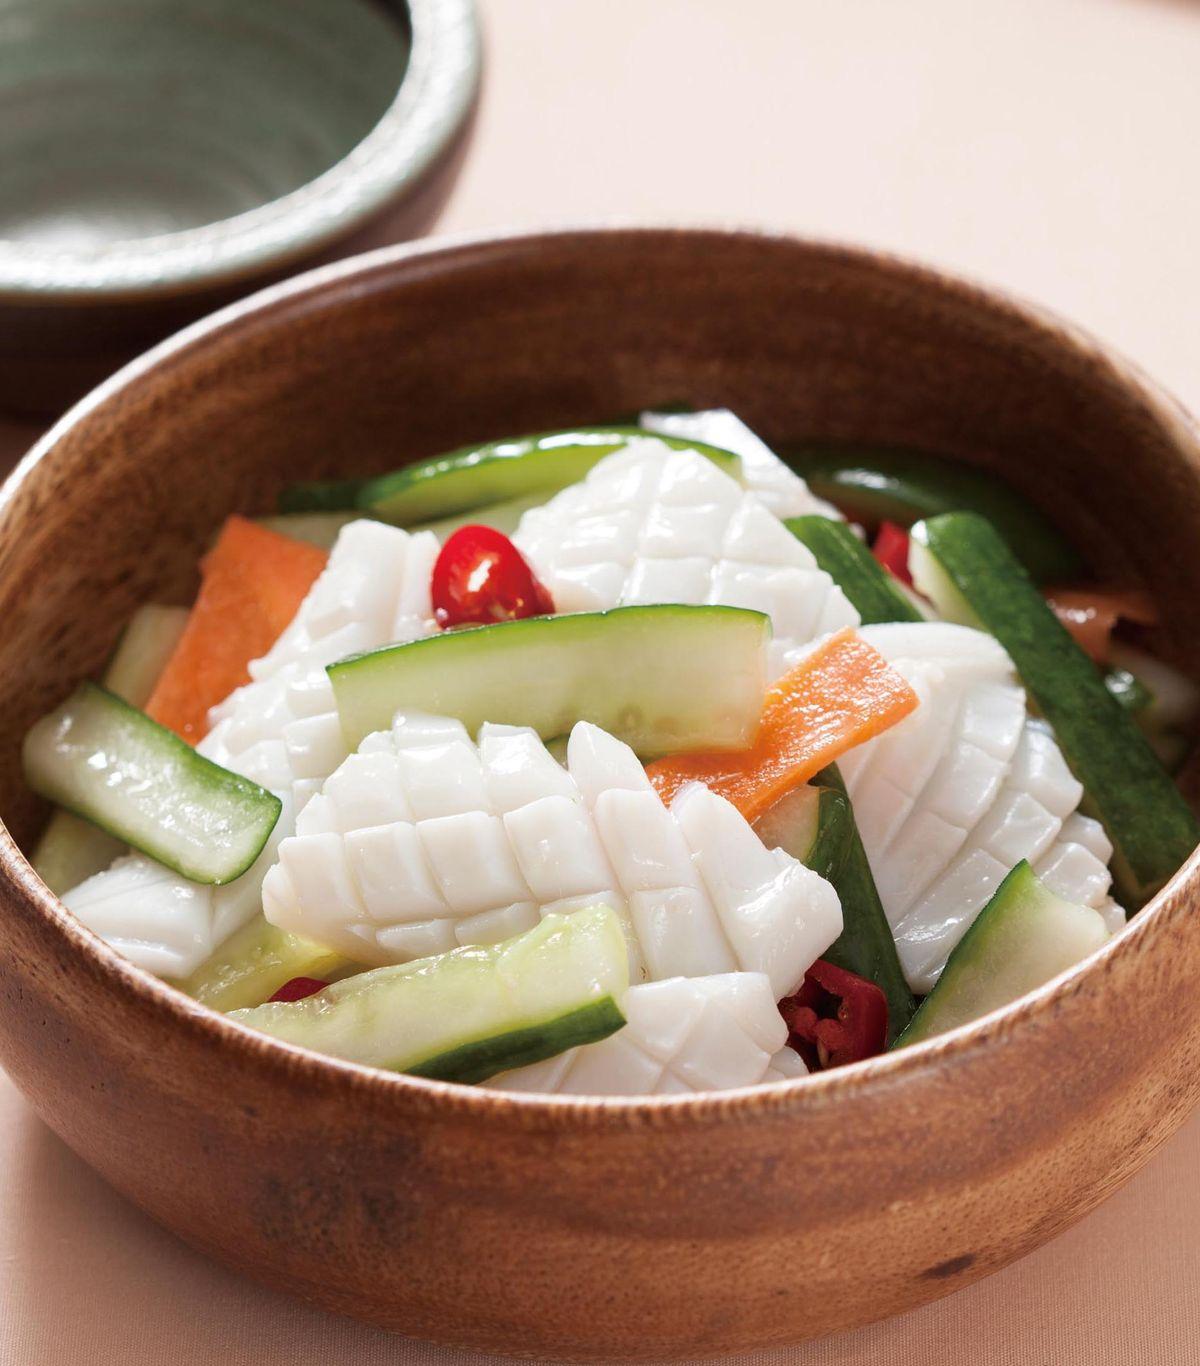 食譜:黃瓜拌透抽